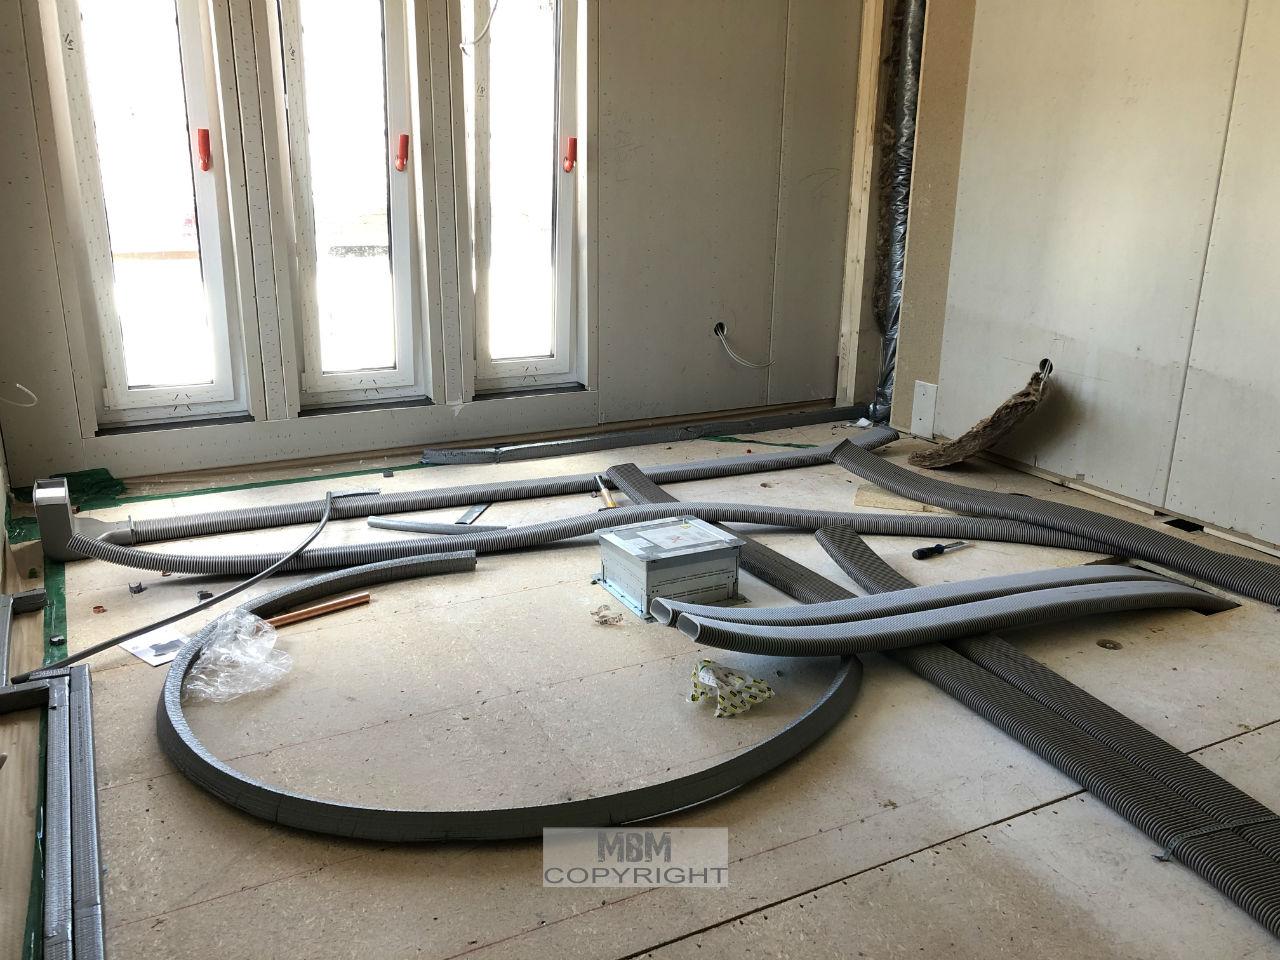 Vorinstallation Heizung & Sanitär_13.06.2019_42-w1280-h960